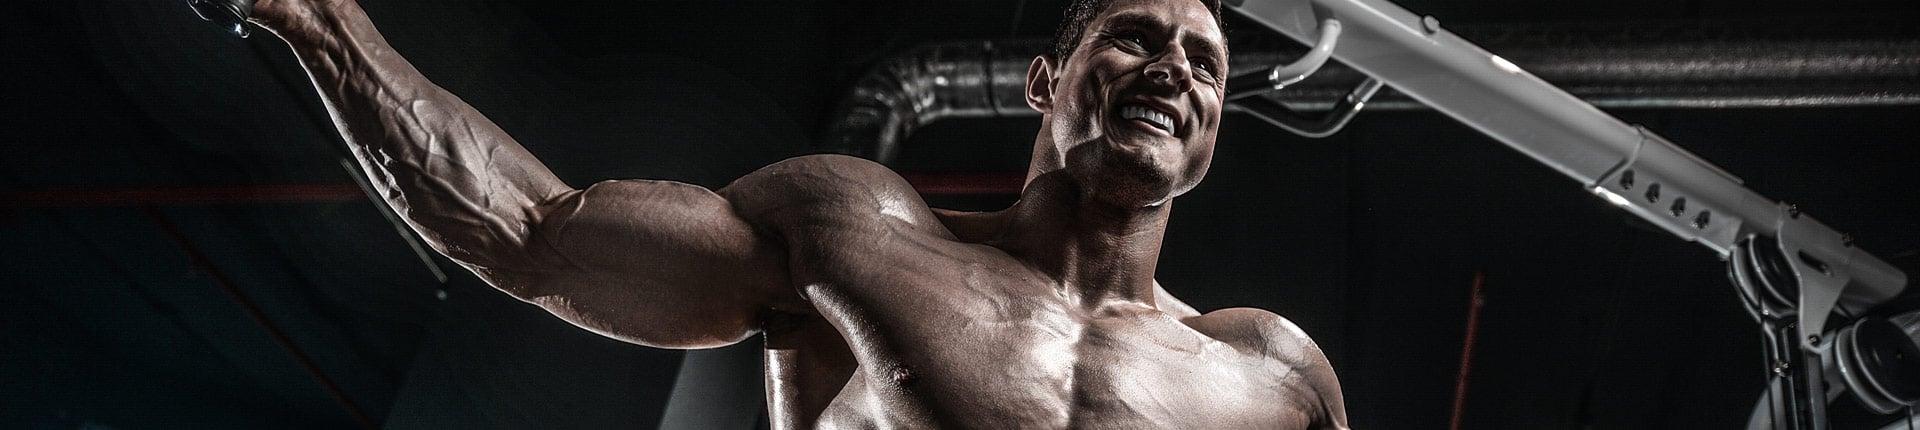 6 zasad treningowych, o których często zapominamy